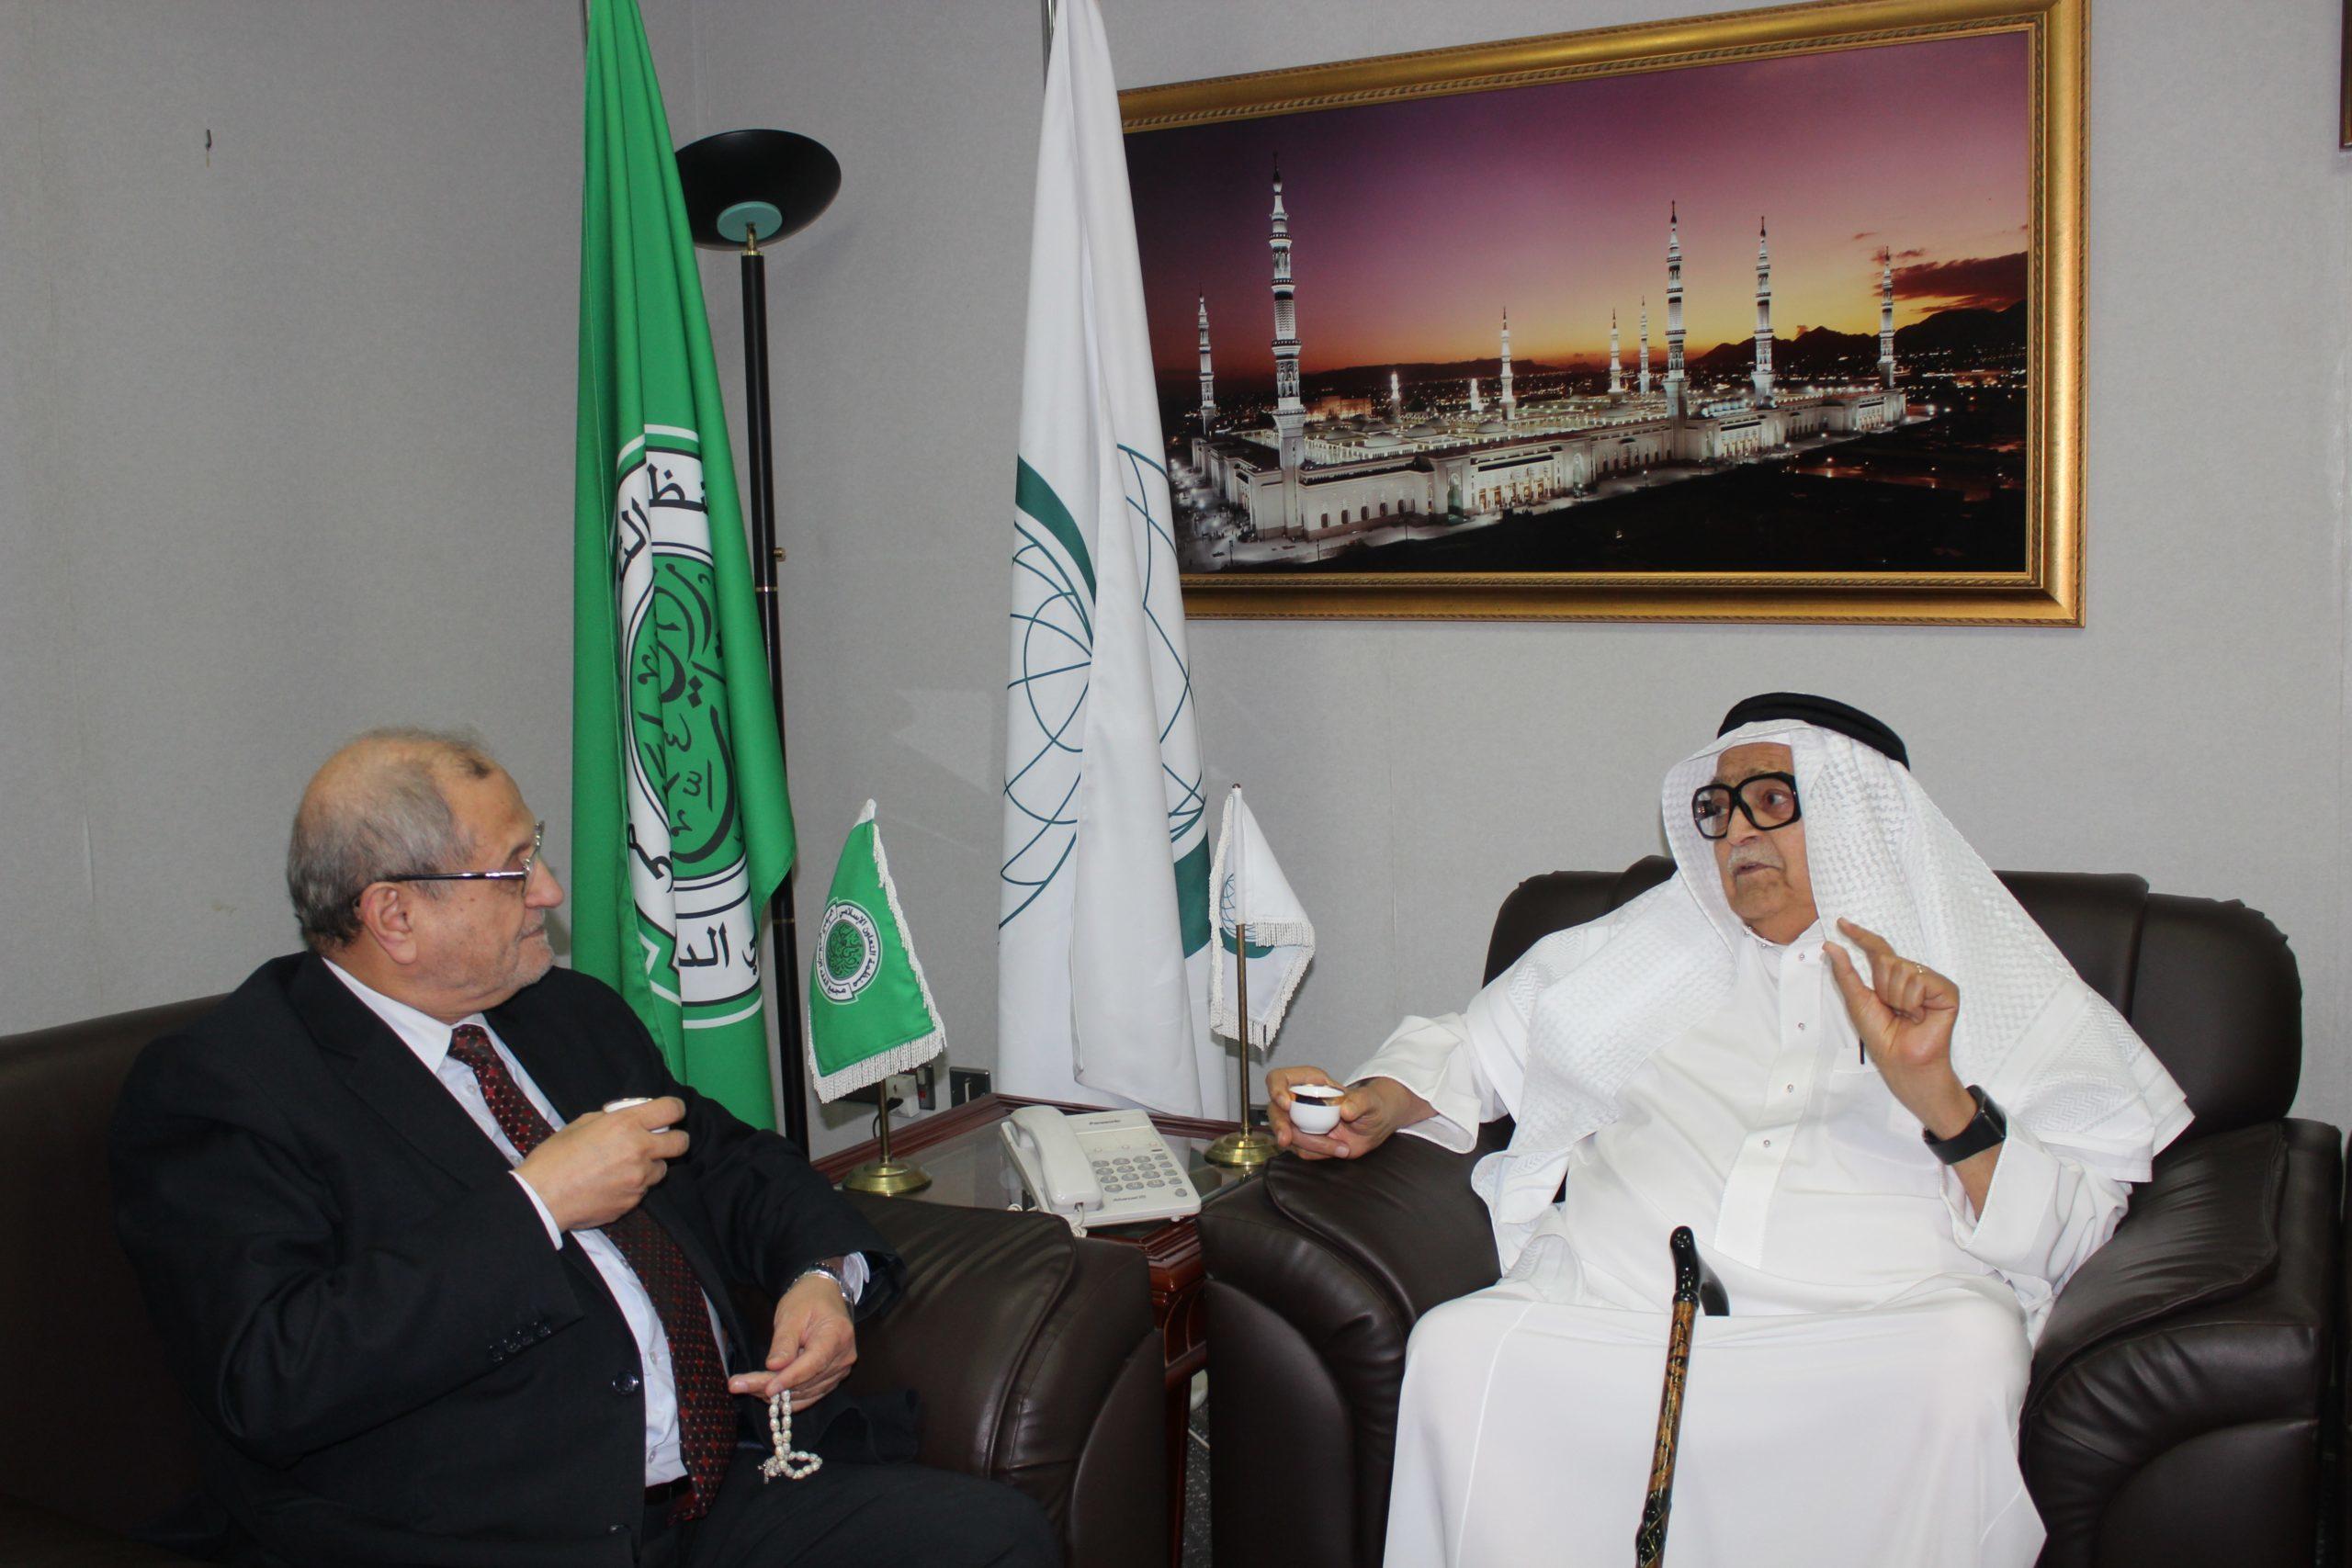 الشيخ صالح كامل رئيس الغرفة الإسلامية للتجارة والصناعة في زيارة لمجمع الفقه الإسلامي الدولي